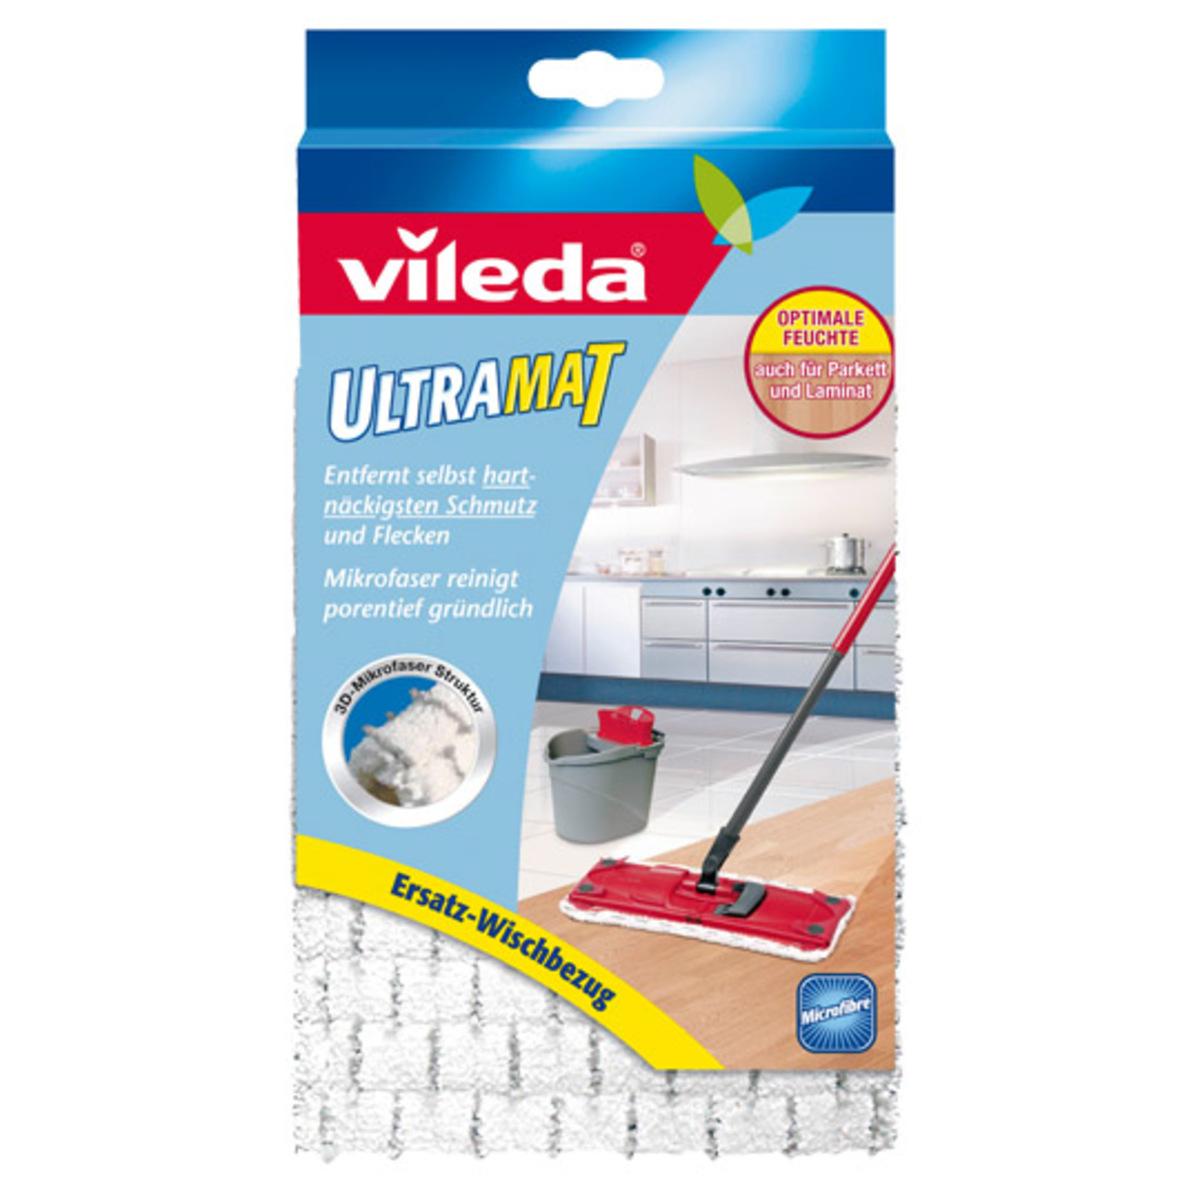 Bild 1 von Vileda Ultramat Ersatz-Wischbezug für Reinigungssysteme 1 Stück